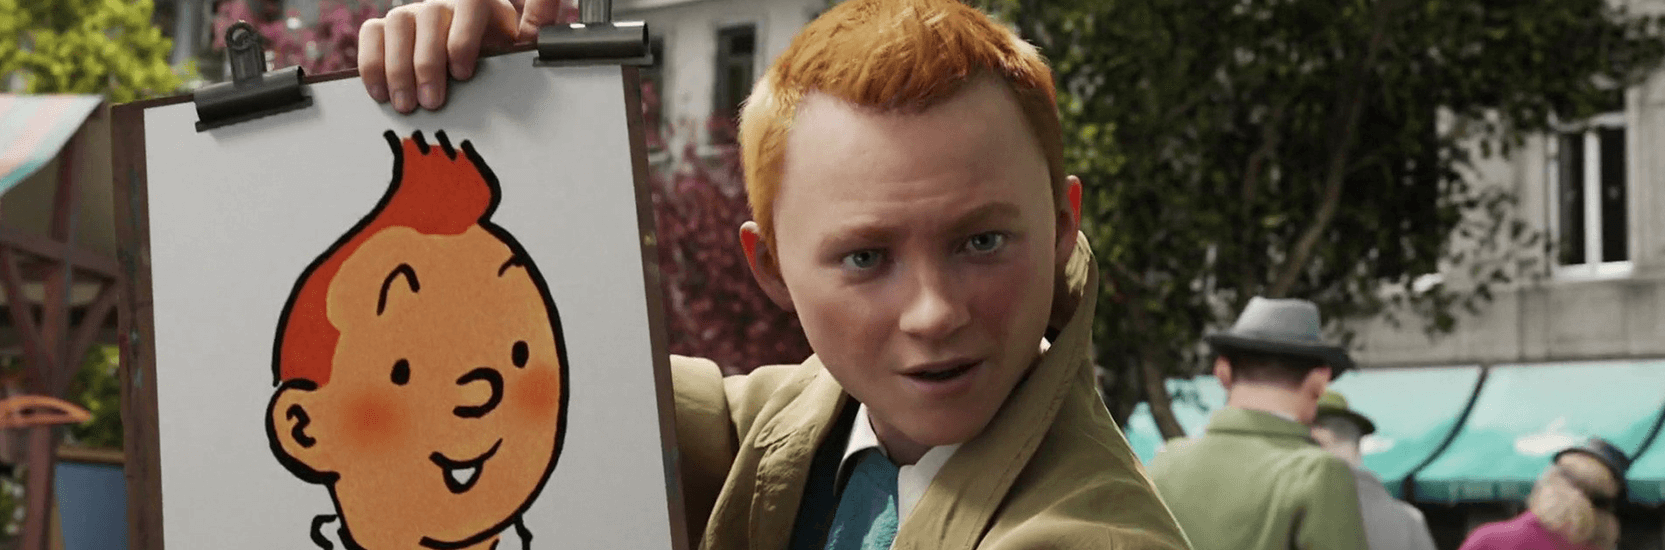 Peter Jackson toujours aux commandes de «Tintin 2», mais pas avant 2021 selon Spielberg.